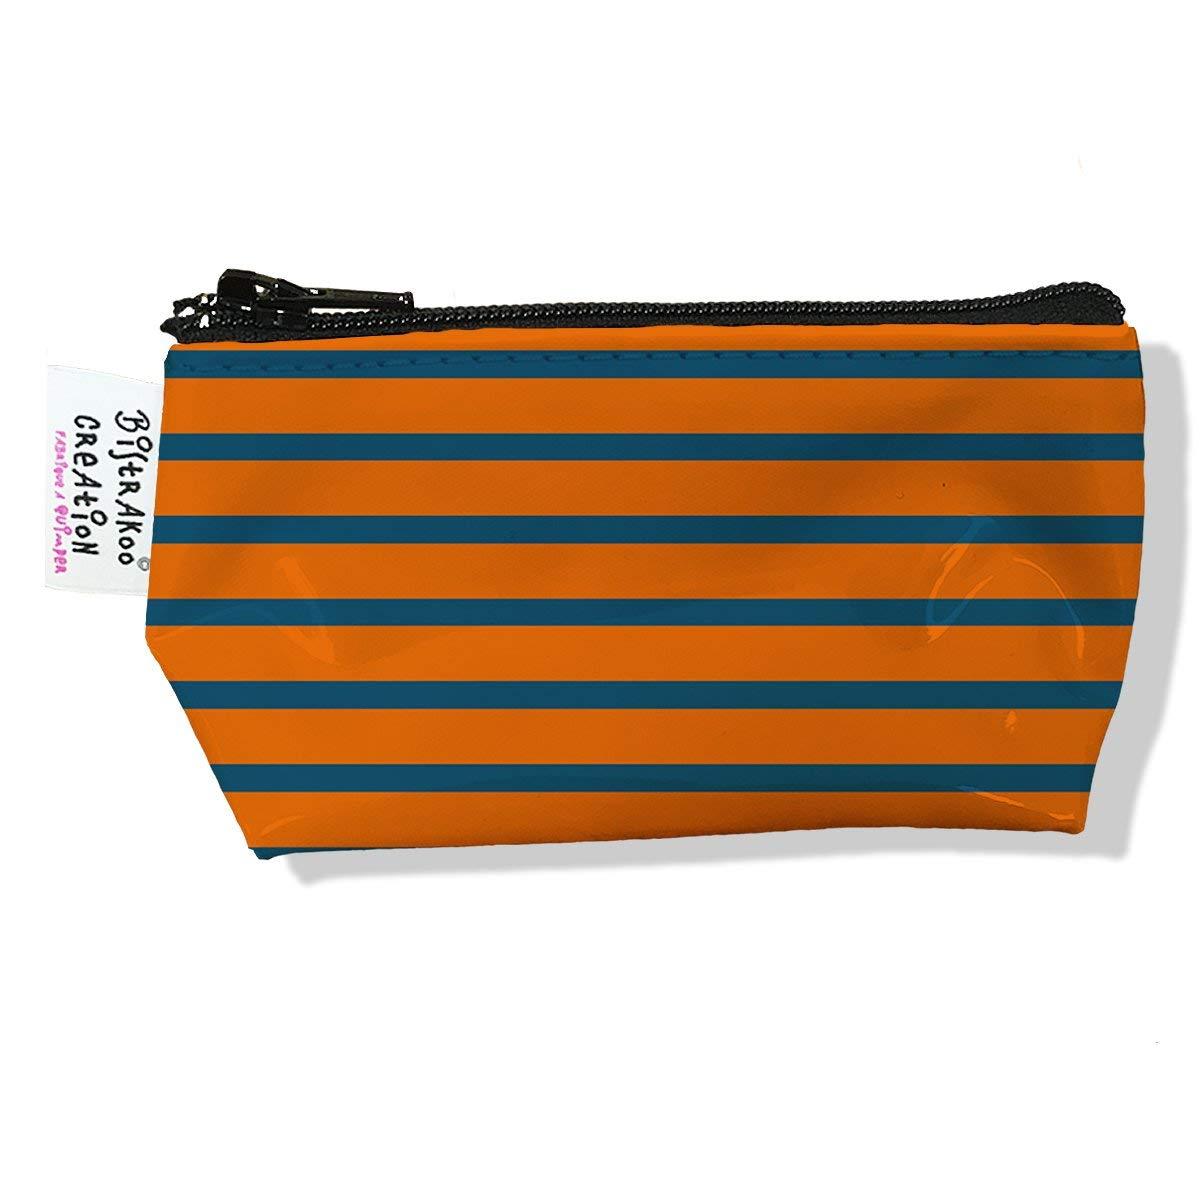 Porte monnaie bourse pour homme motif Marinière orange et grise 2401